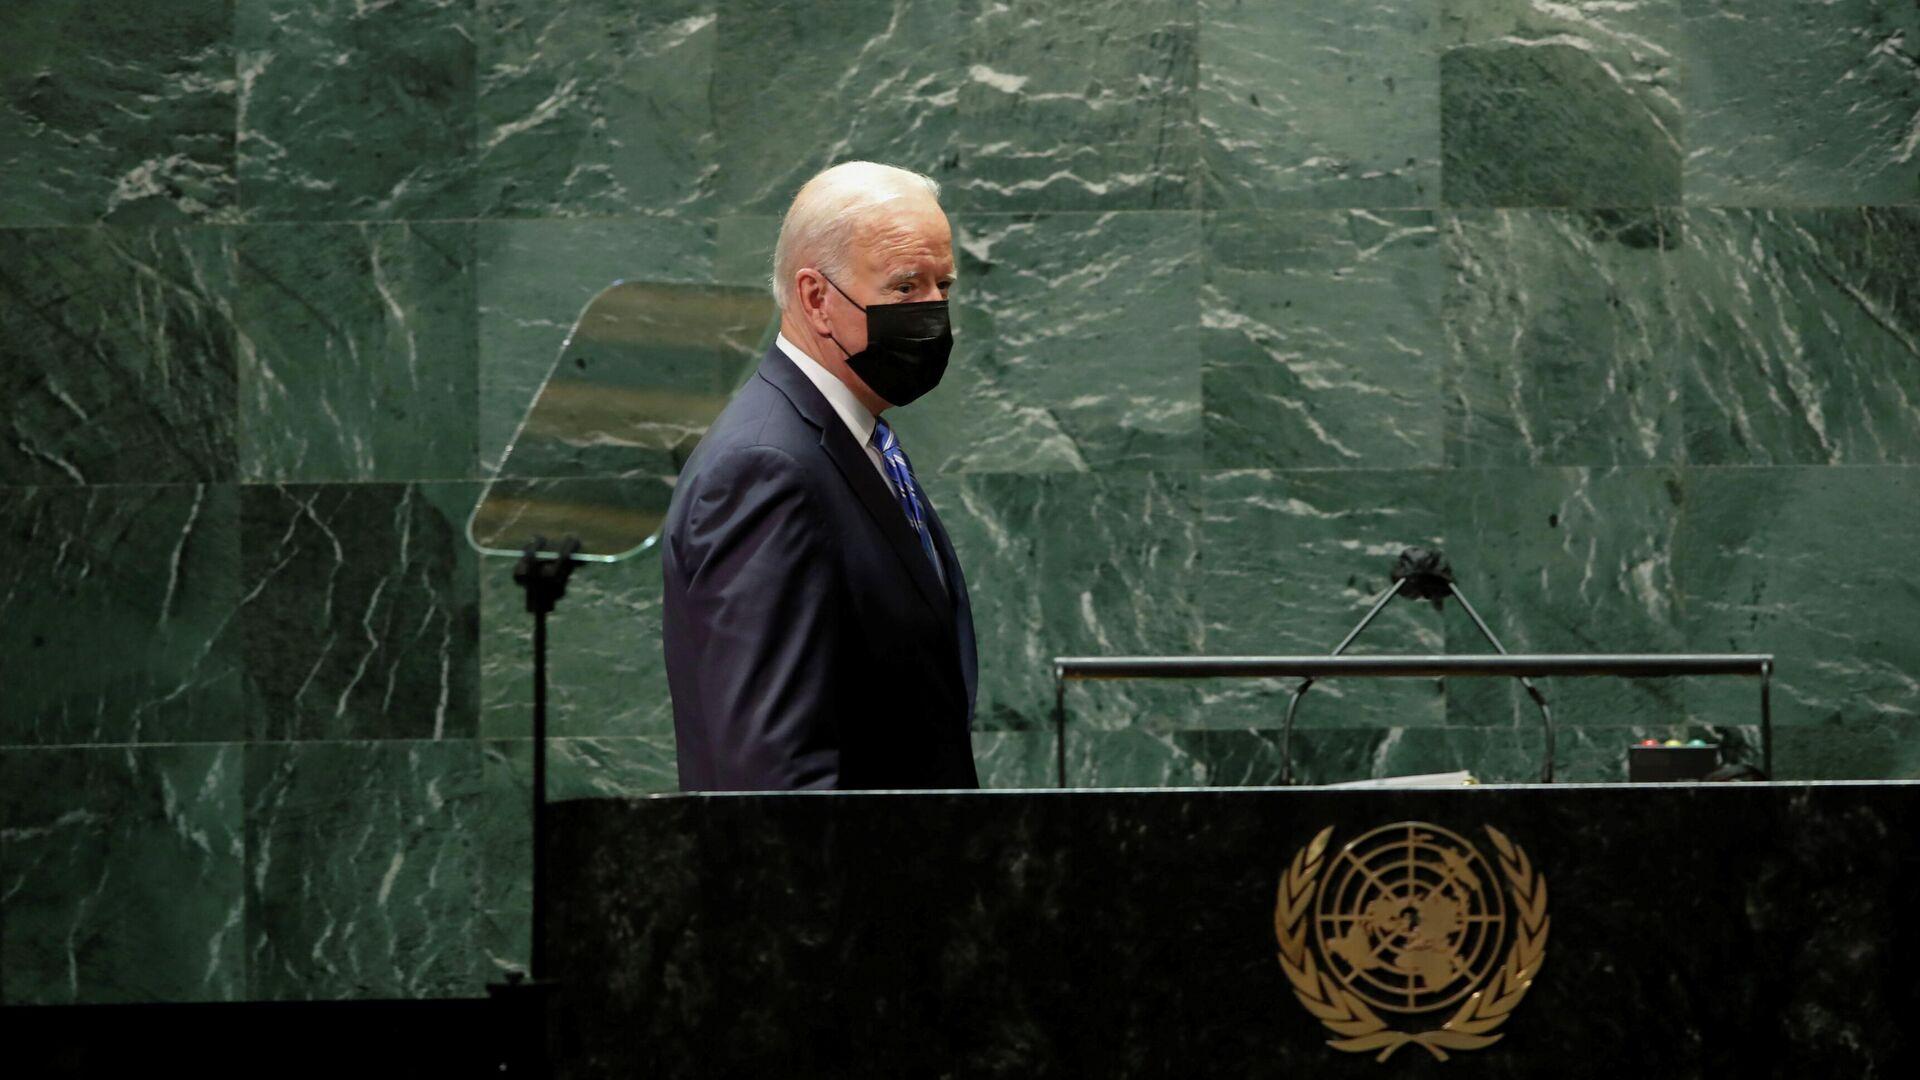 Президент США Джо Байден перед выступлением на сессии Генеральной Ассамблеи ООН в Нью-Йорке - РИА Новости, 1920, 11.10.2021